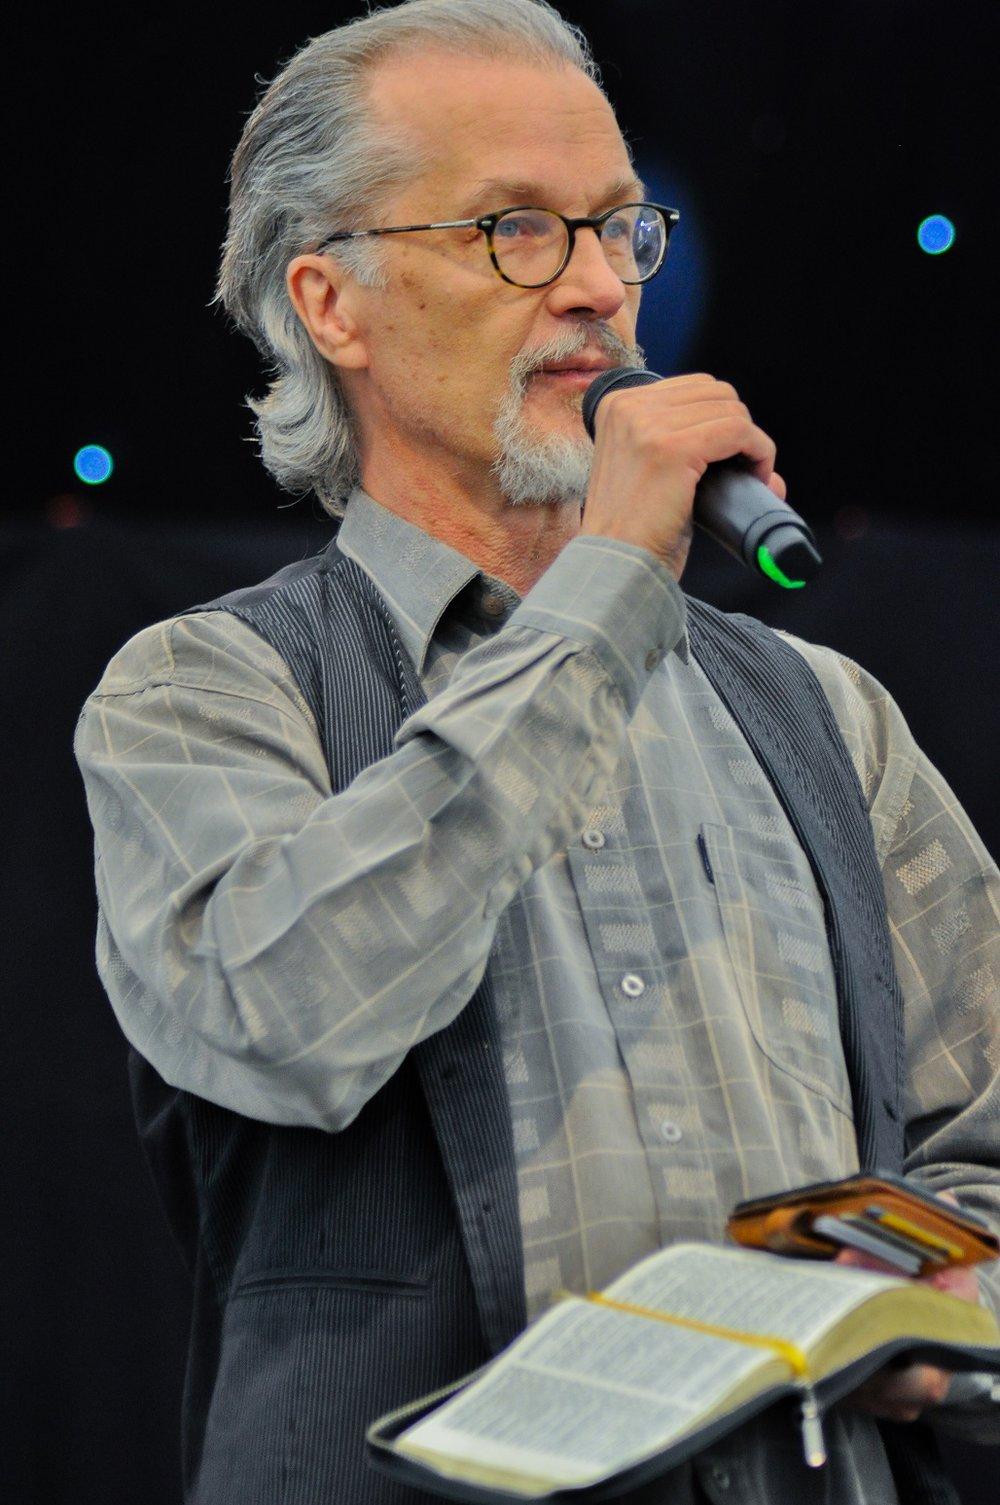 Lasse Heikkilä juonsi sovinnon messun